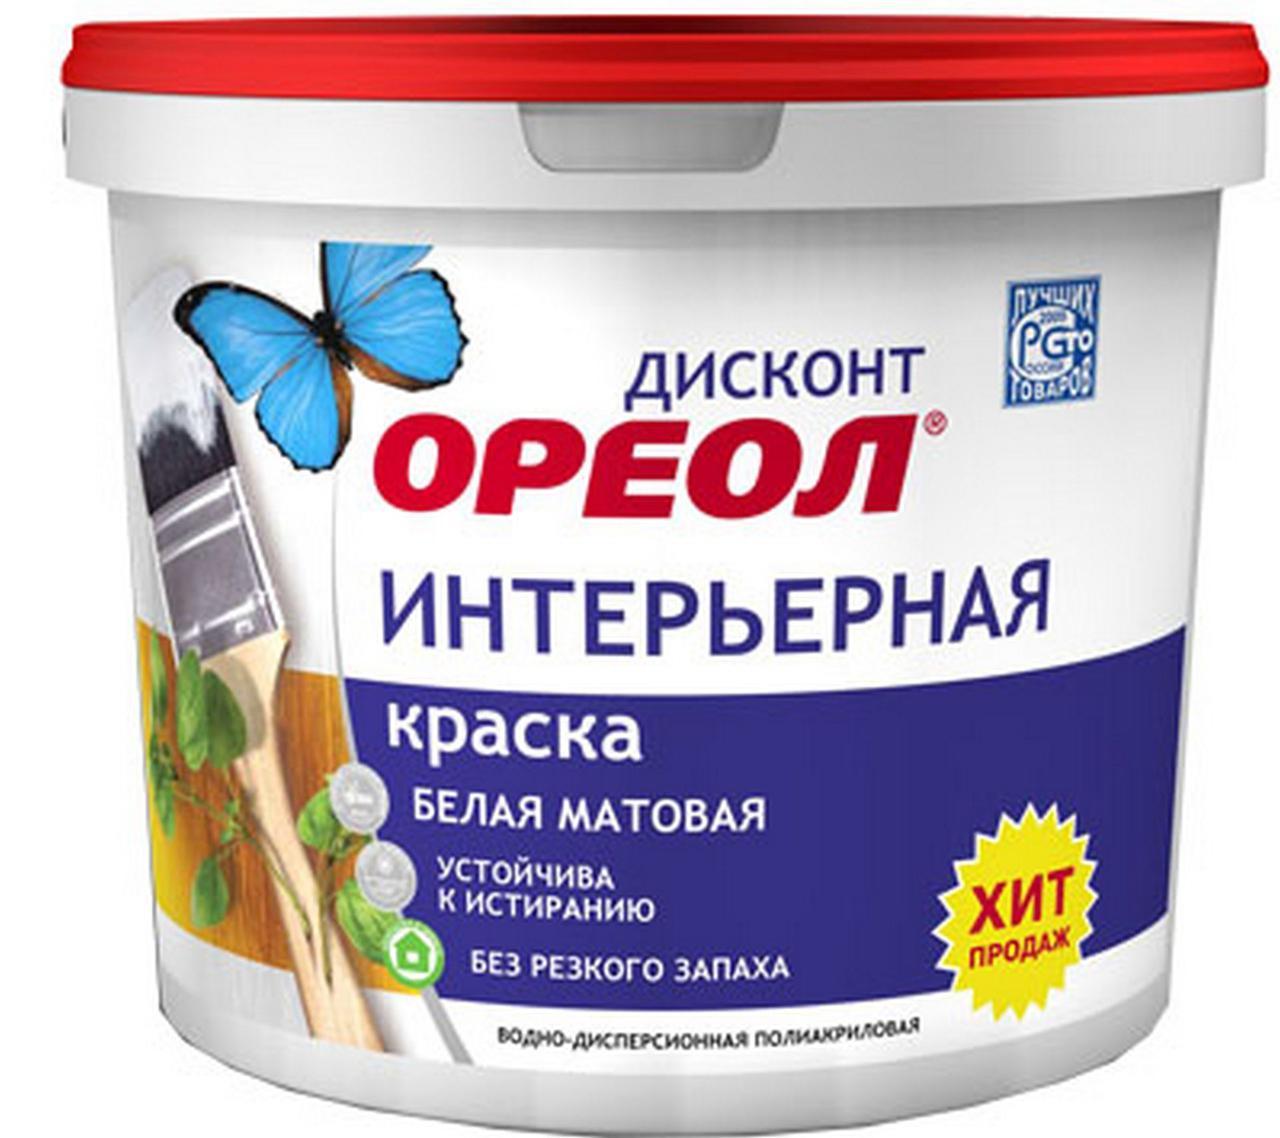 ВДАК Ореол Дисконт Интерьерная 6.5 кг